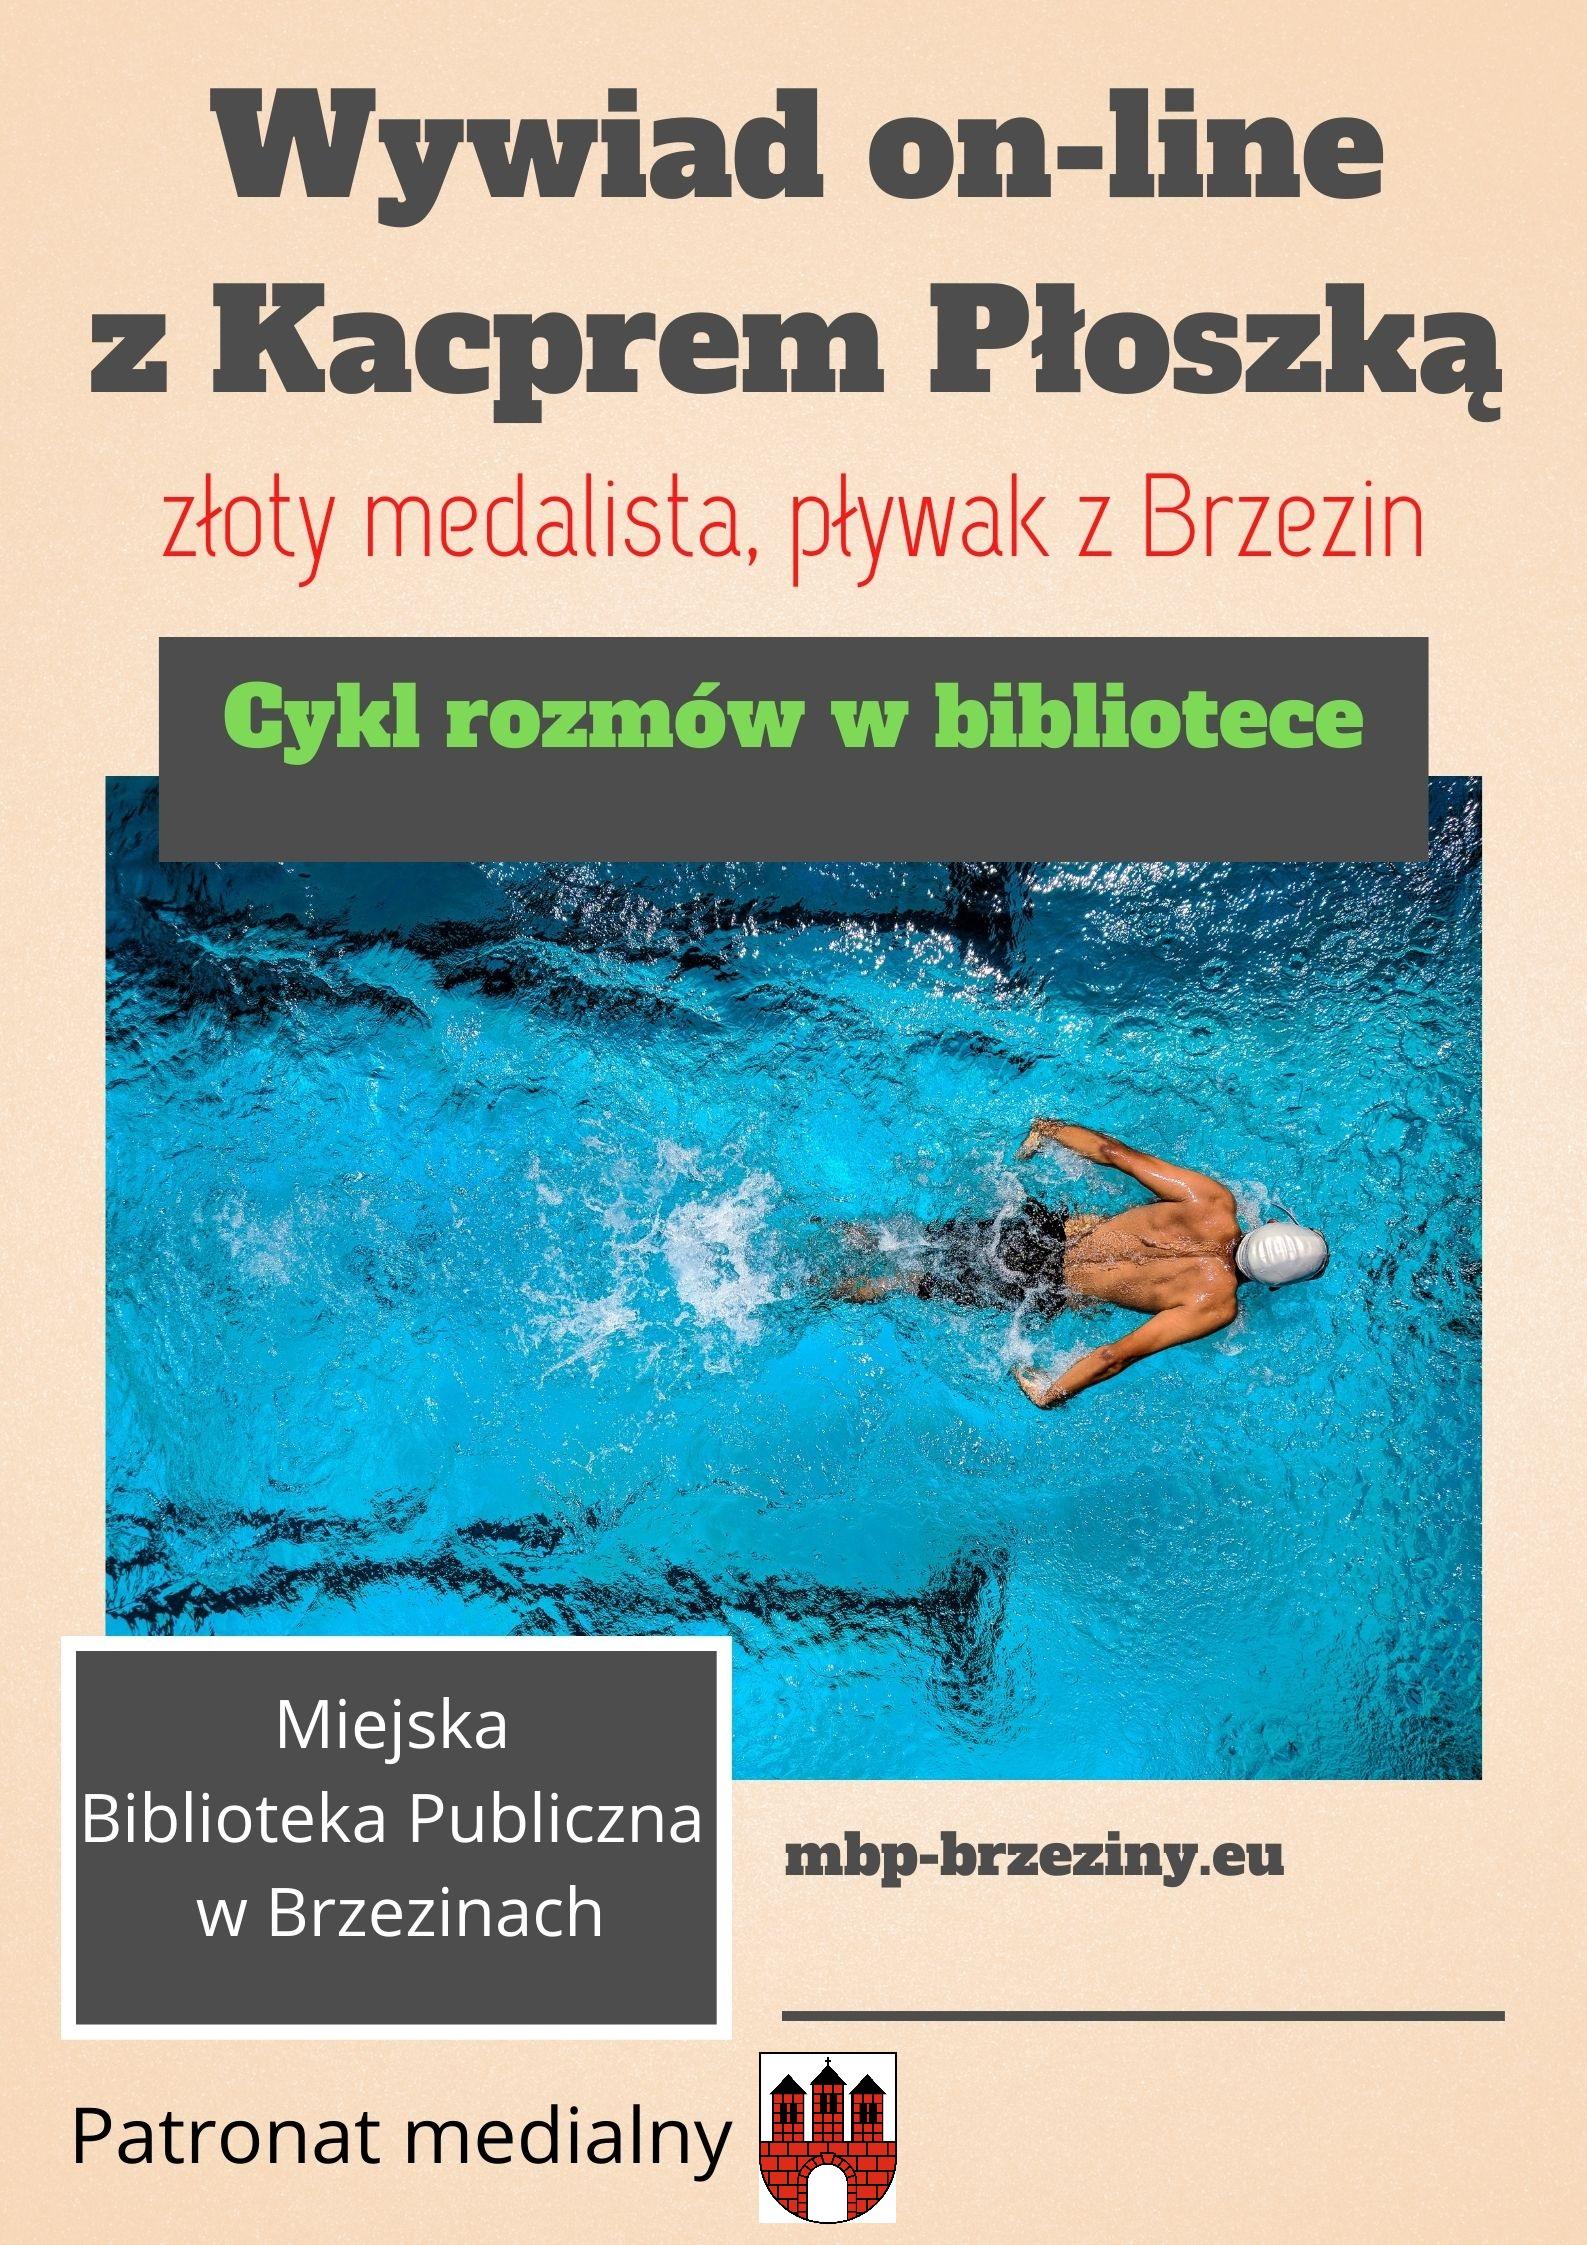 Wywiad-z-Kacprem-Ploszka-1